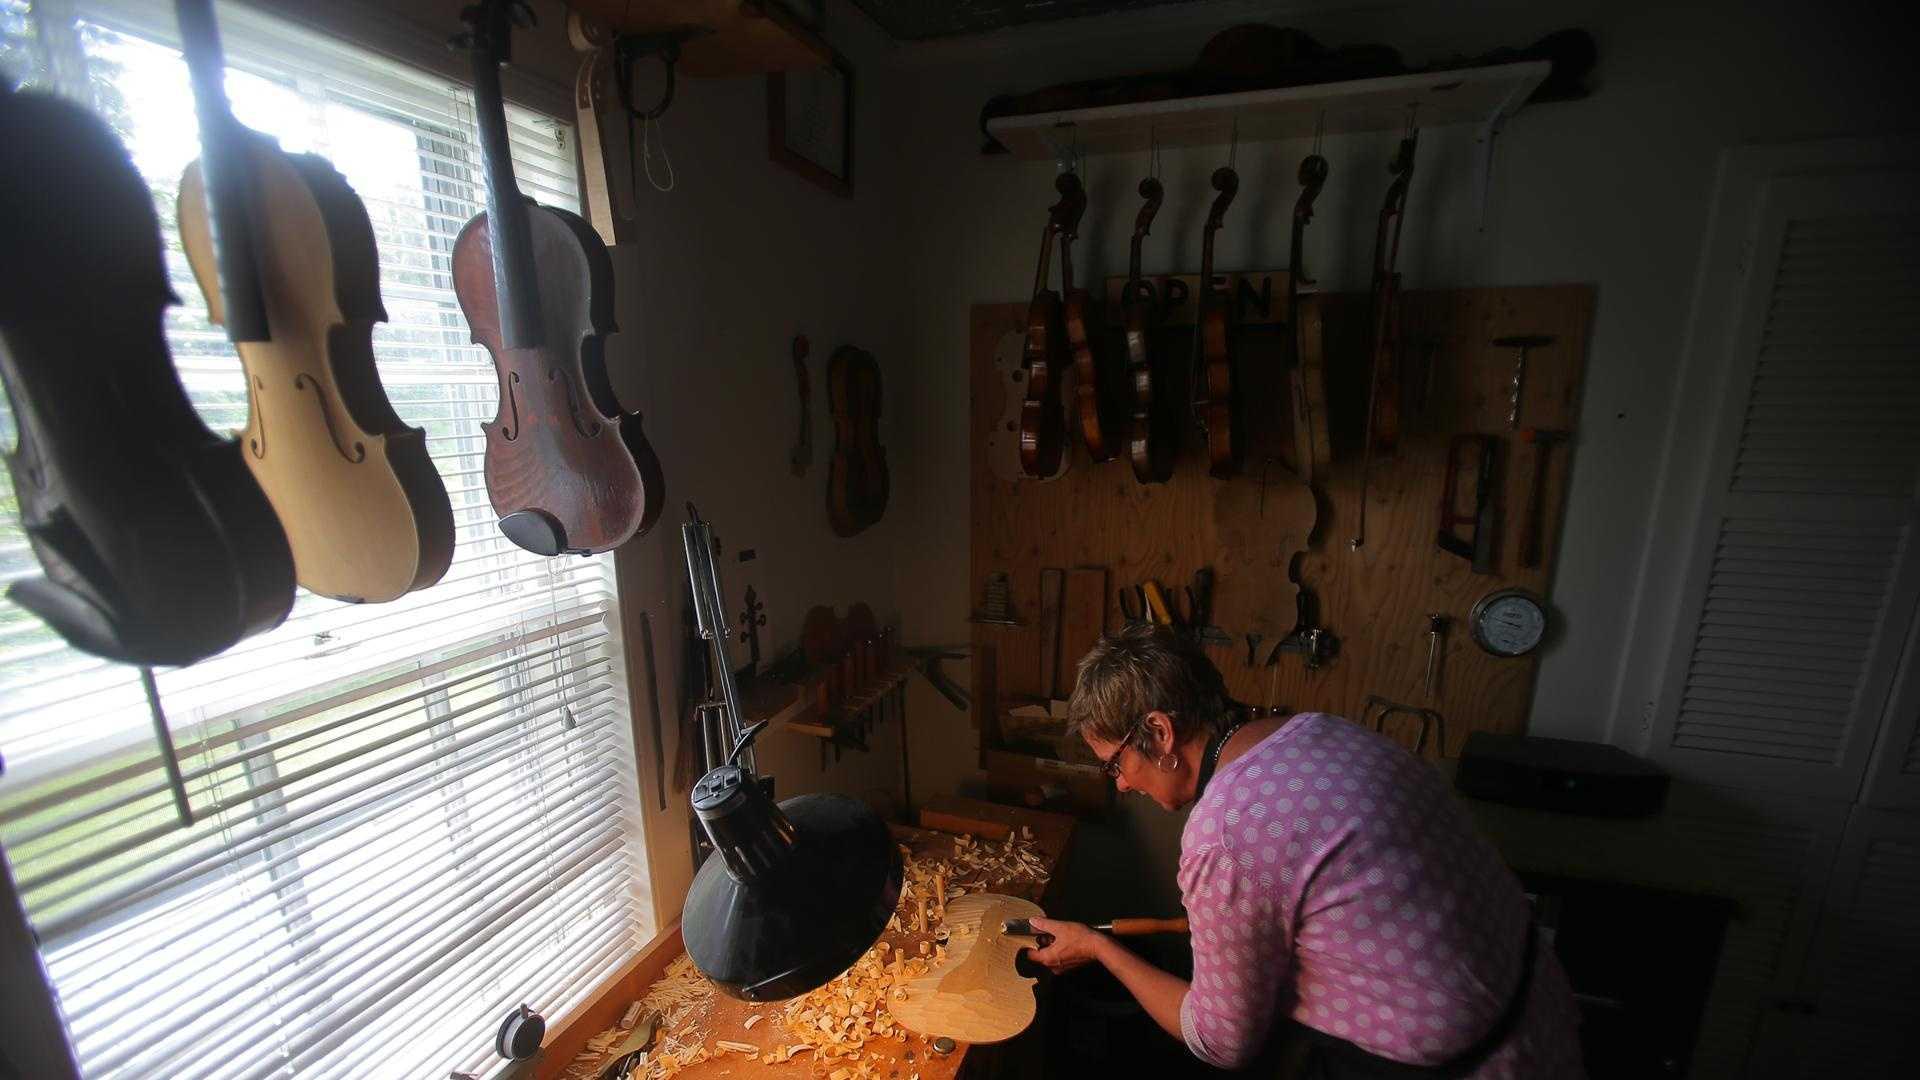 Rosemary Clancy Violin Maker